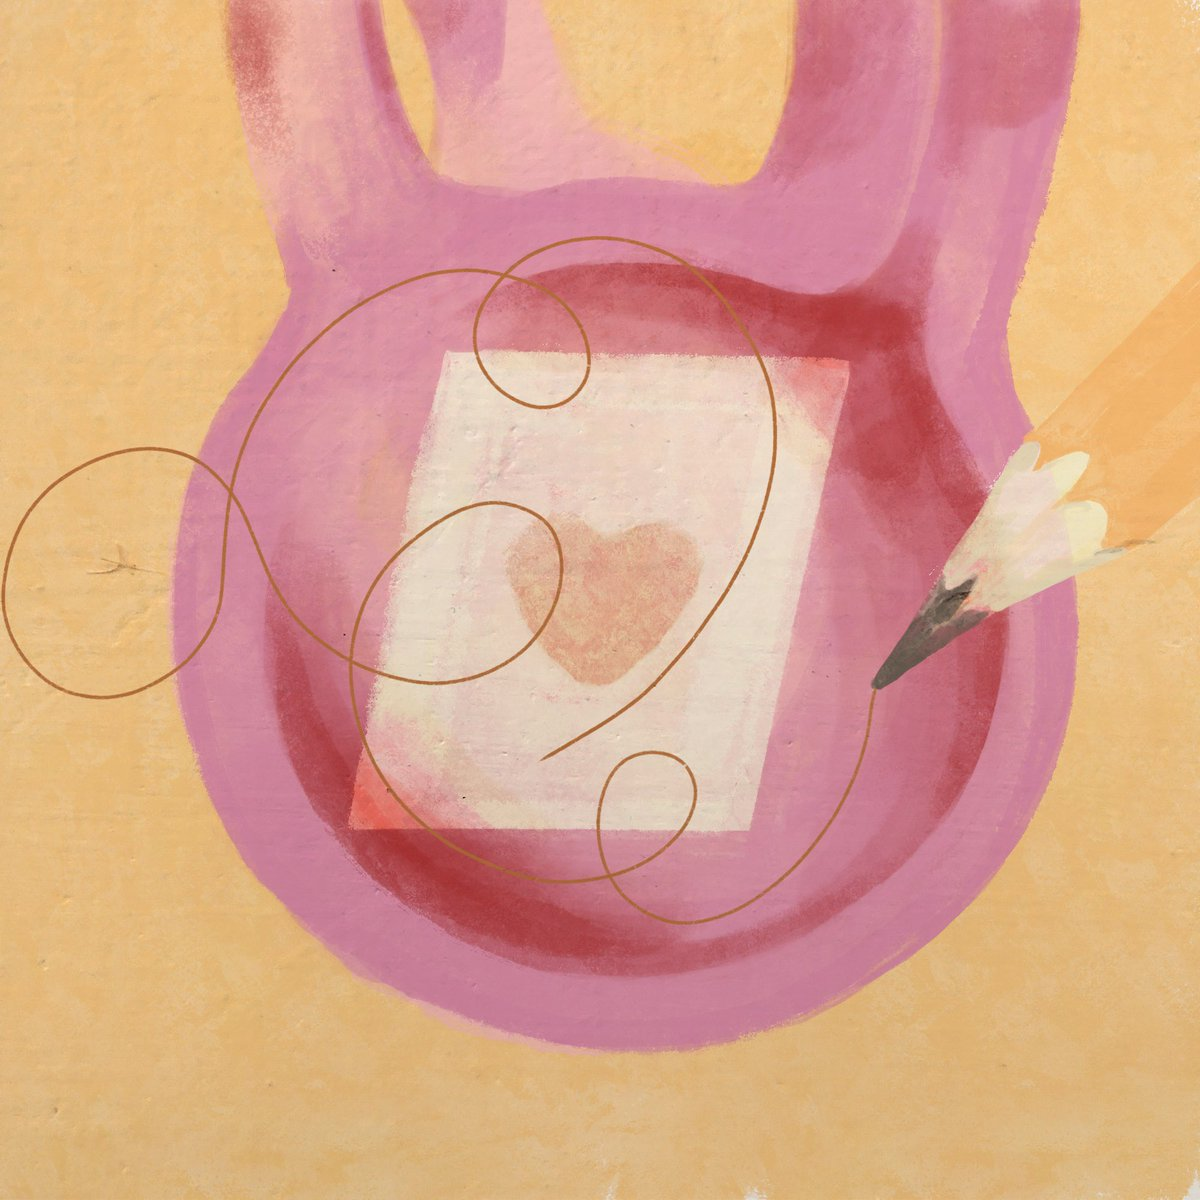 [ 筆記本 ]  也許最深沉是你的心臟 能聽到磨鈍的鉛筆芯頭 與粗糙的紙面互相依偎  //////////  白日夢計畫,百日日更 白天的煩惱在夢中忘掉 閉上眼睛,有沒有看見 住在眼底的- - 7顆星星  #白日夢計畫 #百日日更 #art #artist #artwork #draw #painting #doodle #illust #illustration